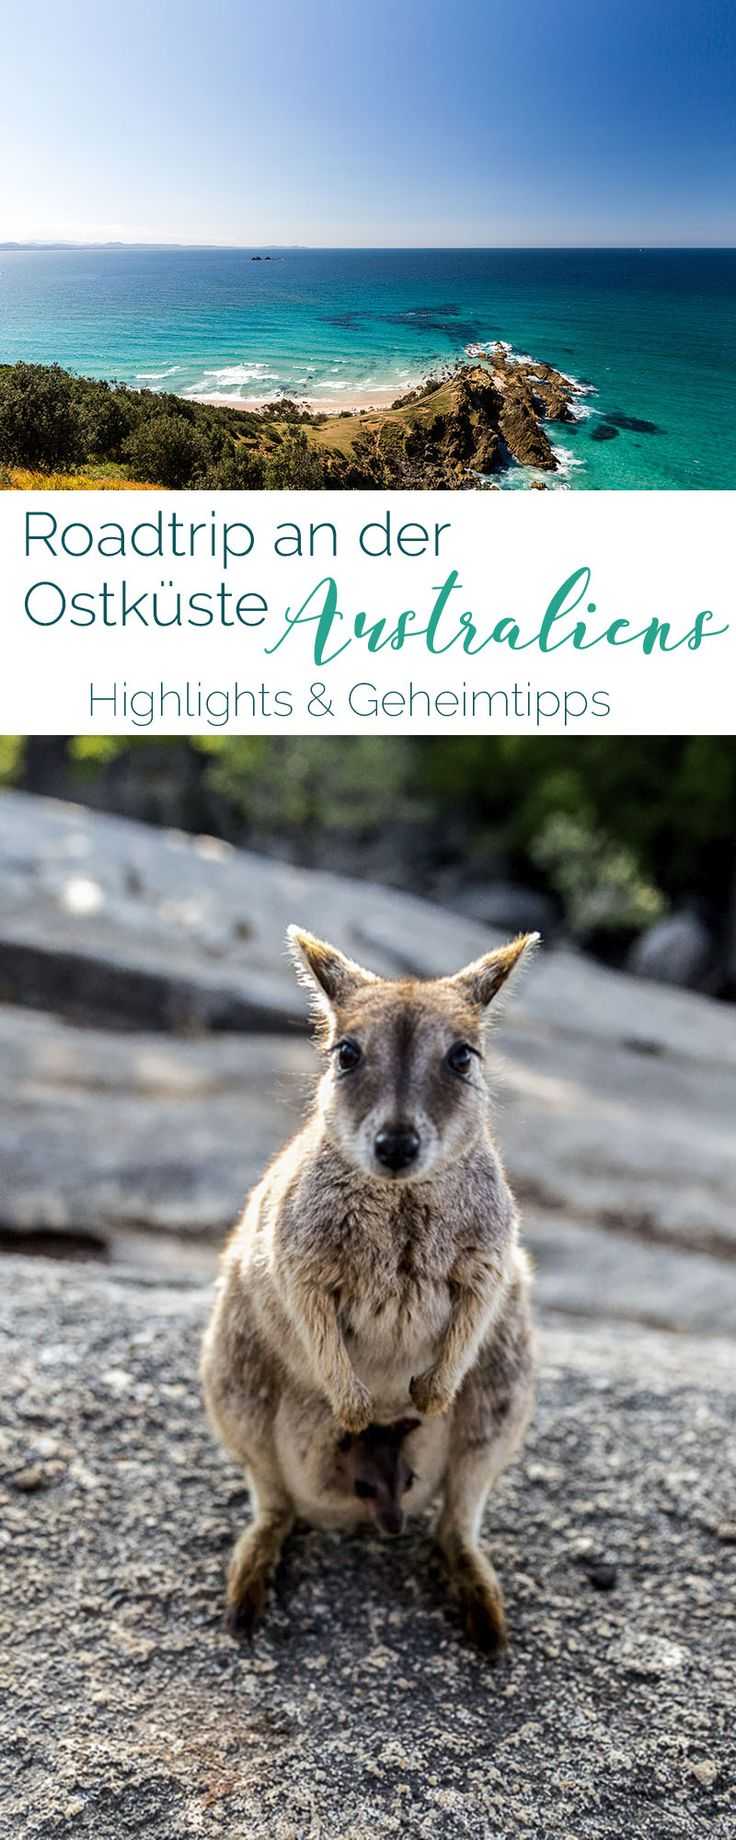 Die Ostküste Australiens – 9 Highlights & Geheimtipps